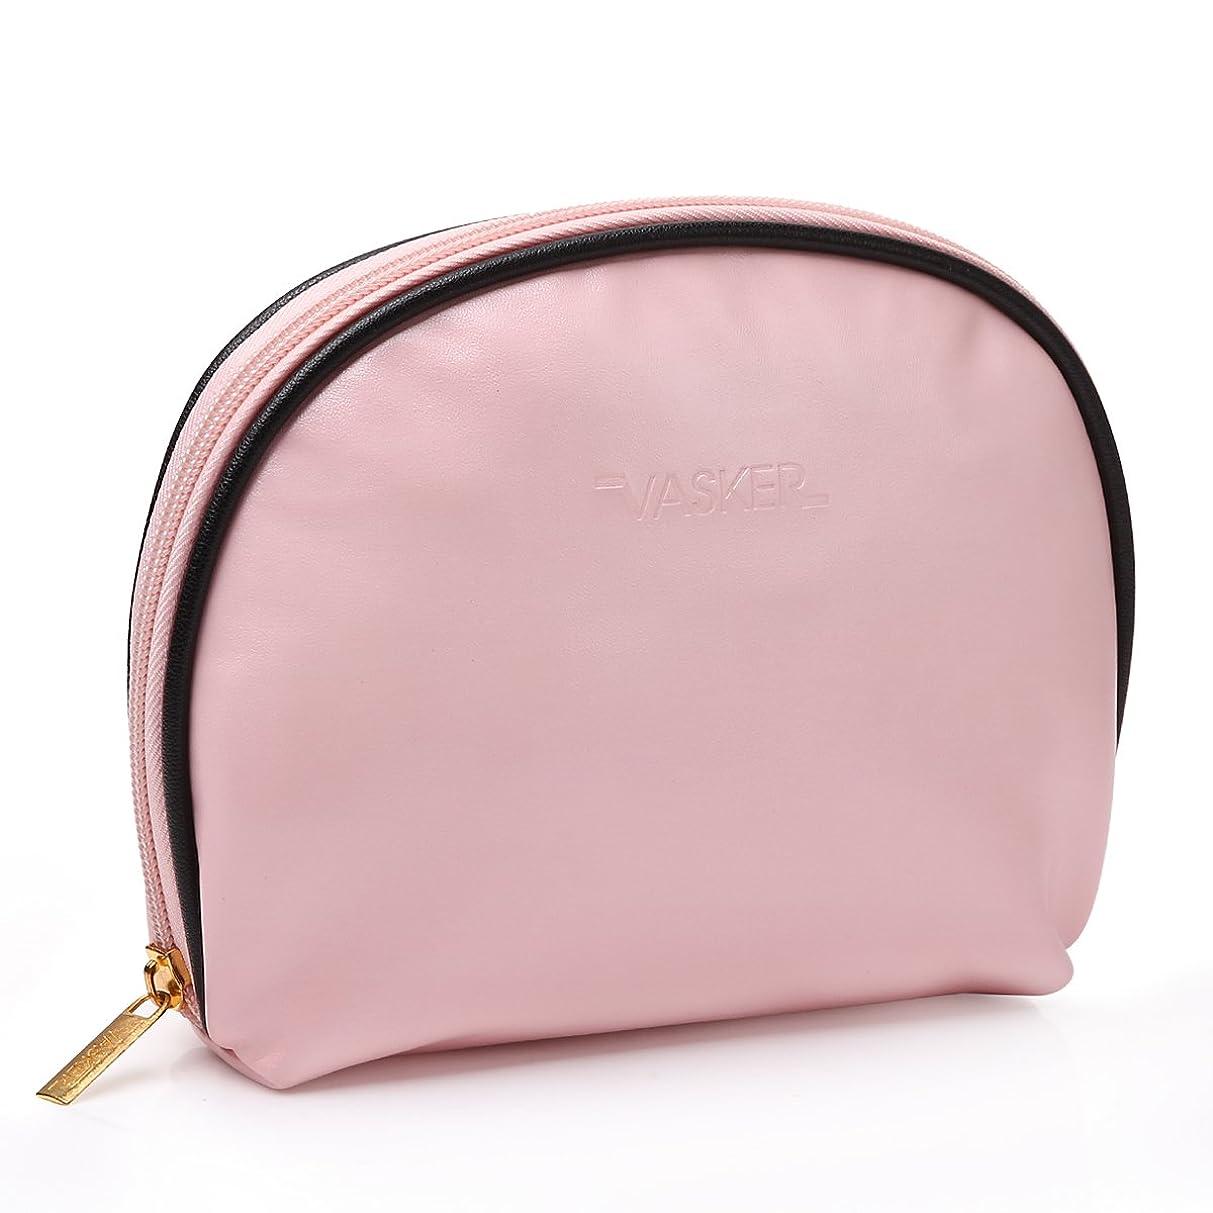 夫婦ルール不忠VASKER 化粧ポーチ メイクアップバッグ 高品質 小物入れ レディース用 出張 旅行 ピンク